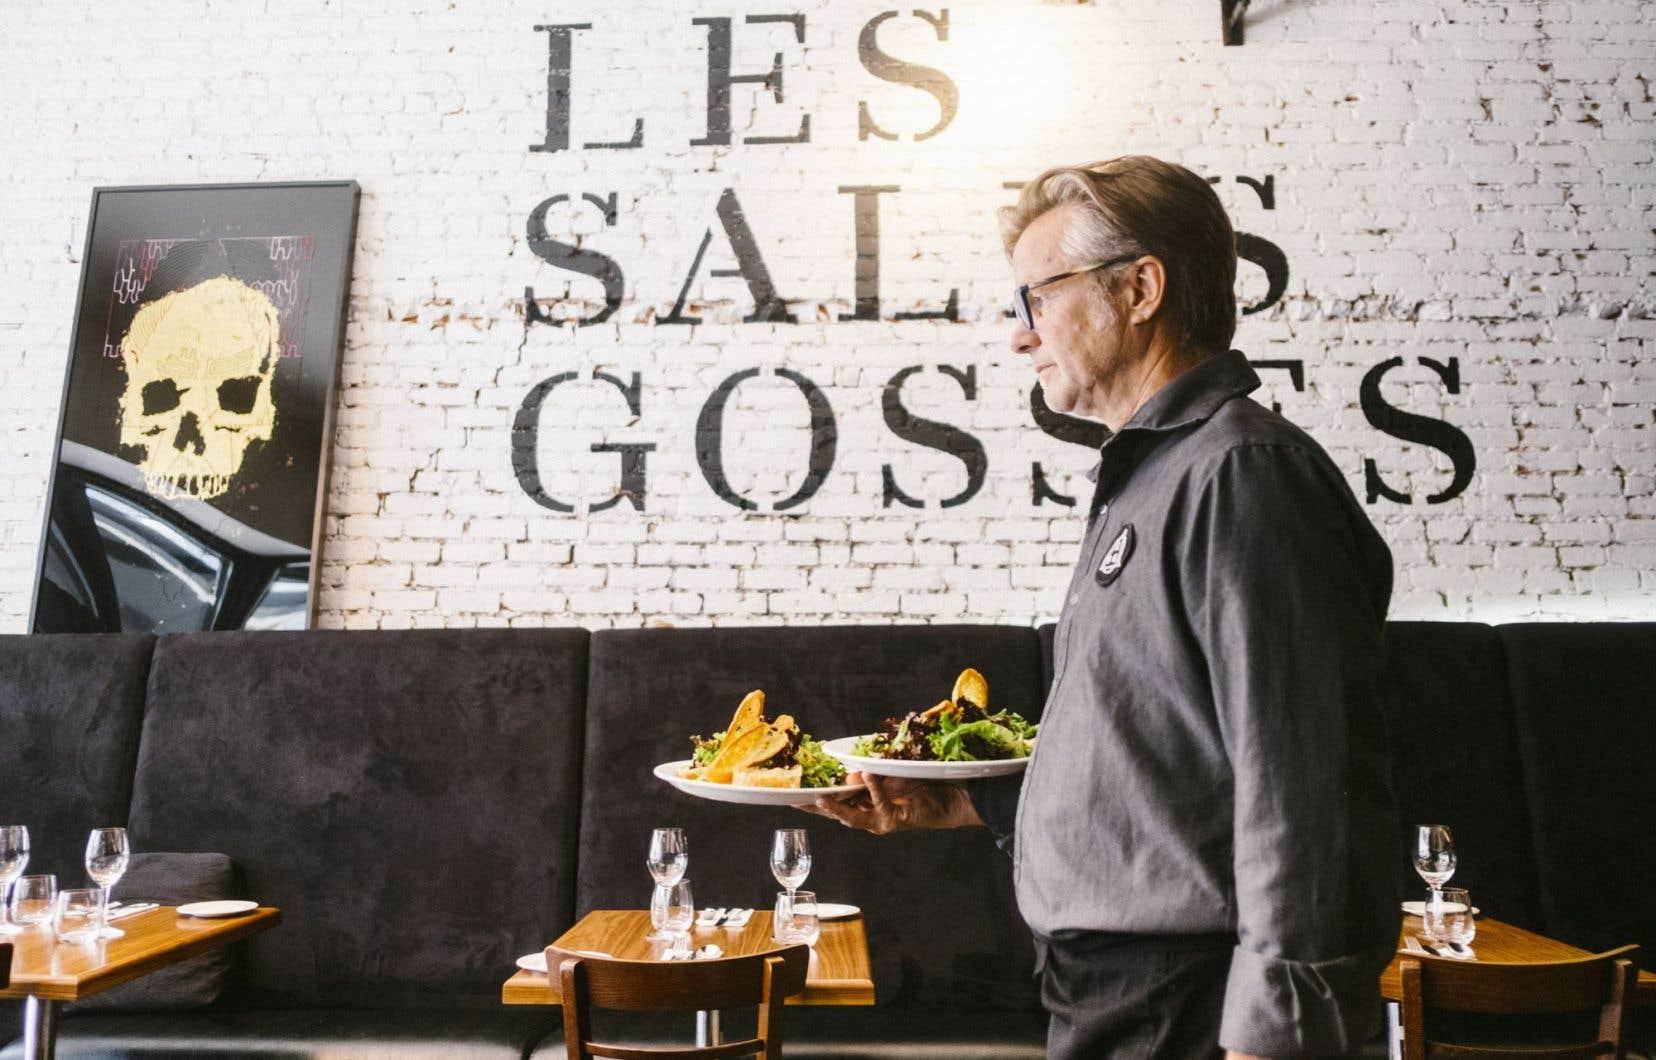 Les Sales Gosses propose gamineries et jeux culinaires.